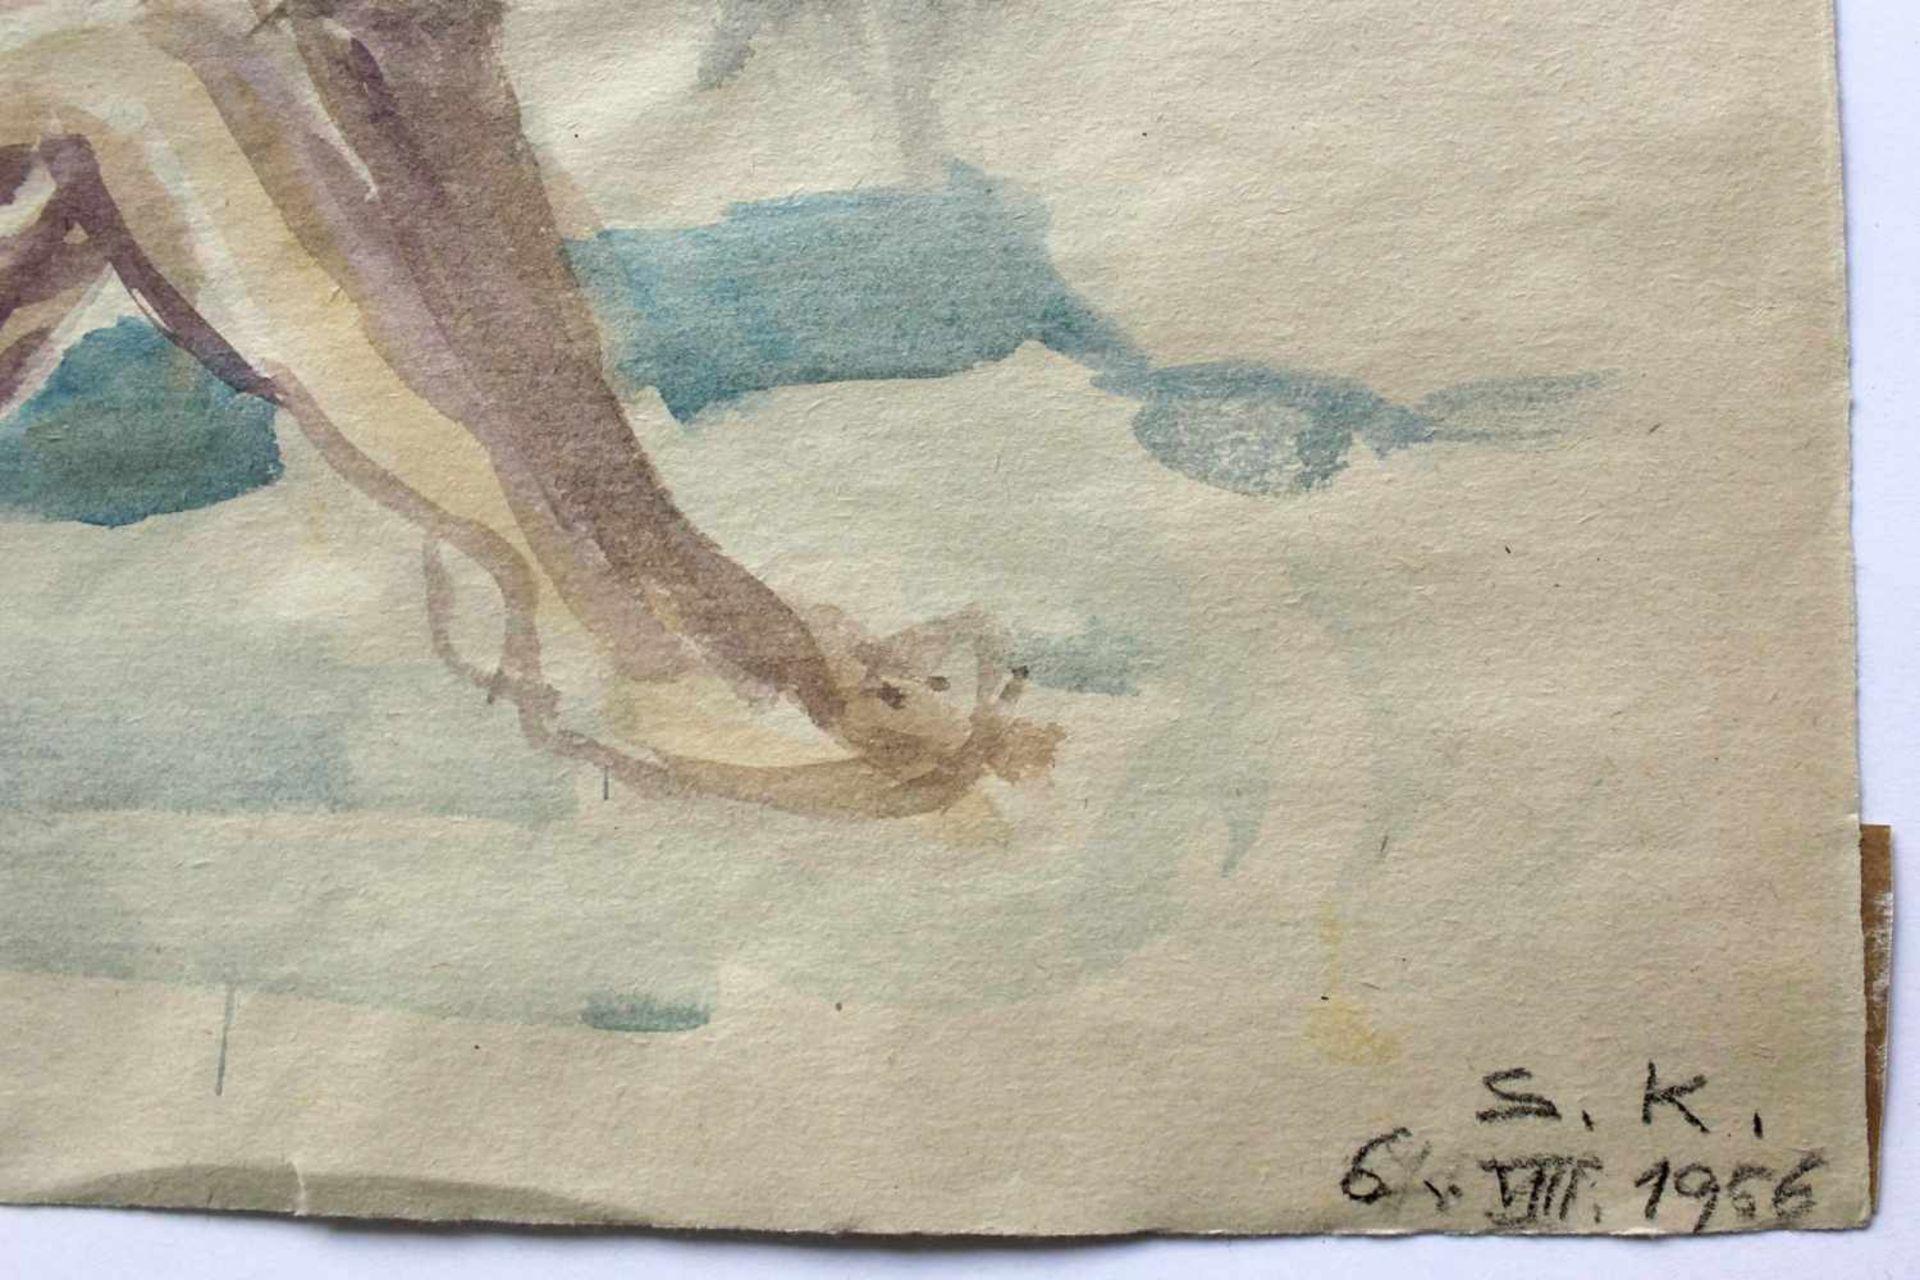 Silvia Koller 1942-2010 Aktstudie 1 1956 Aquarell monogrammiert und datiert (S.K. 6 VIII 1956) 30 - Bild 2 aus 3